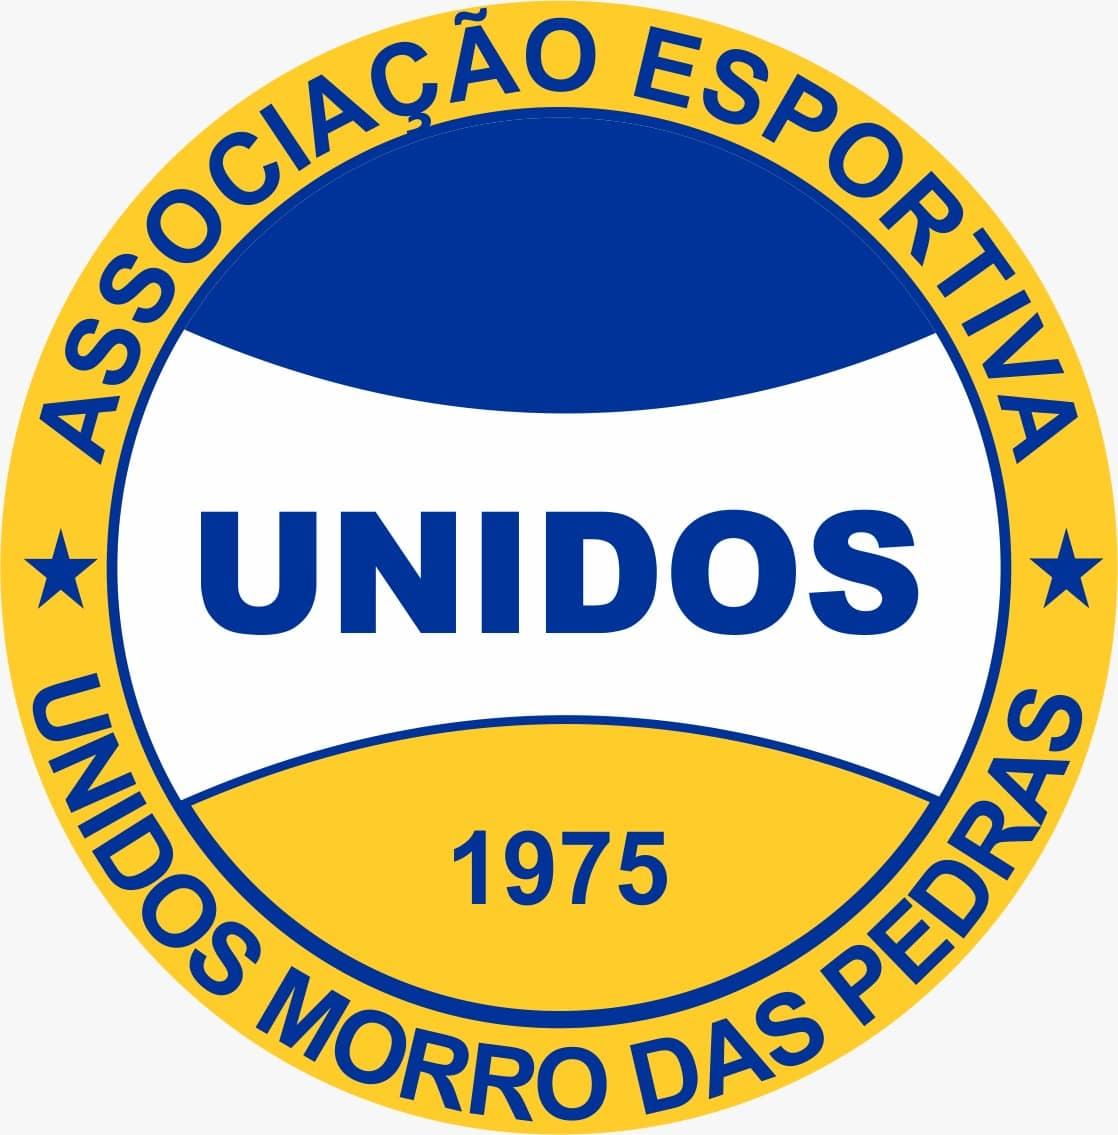 ASS.ESP.UNIDOS MORRO DA SPEDRA